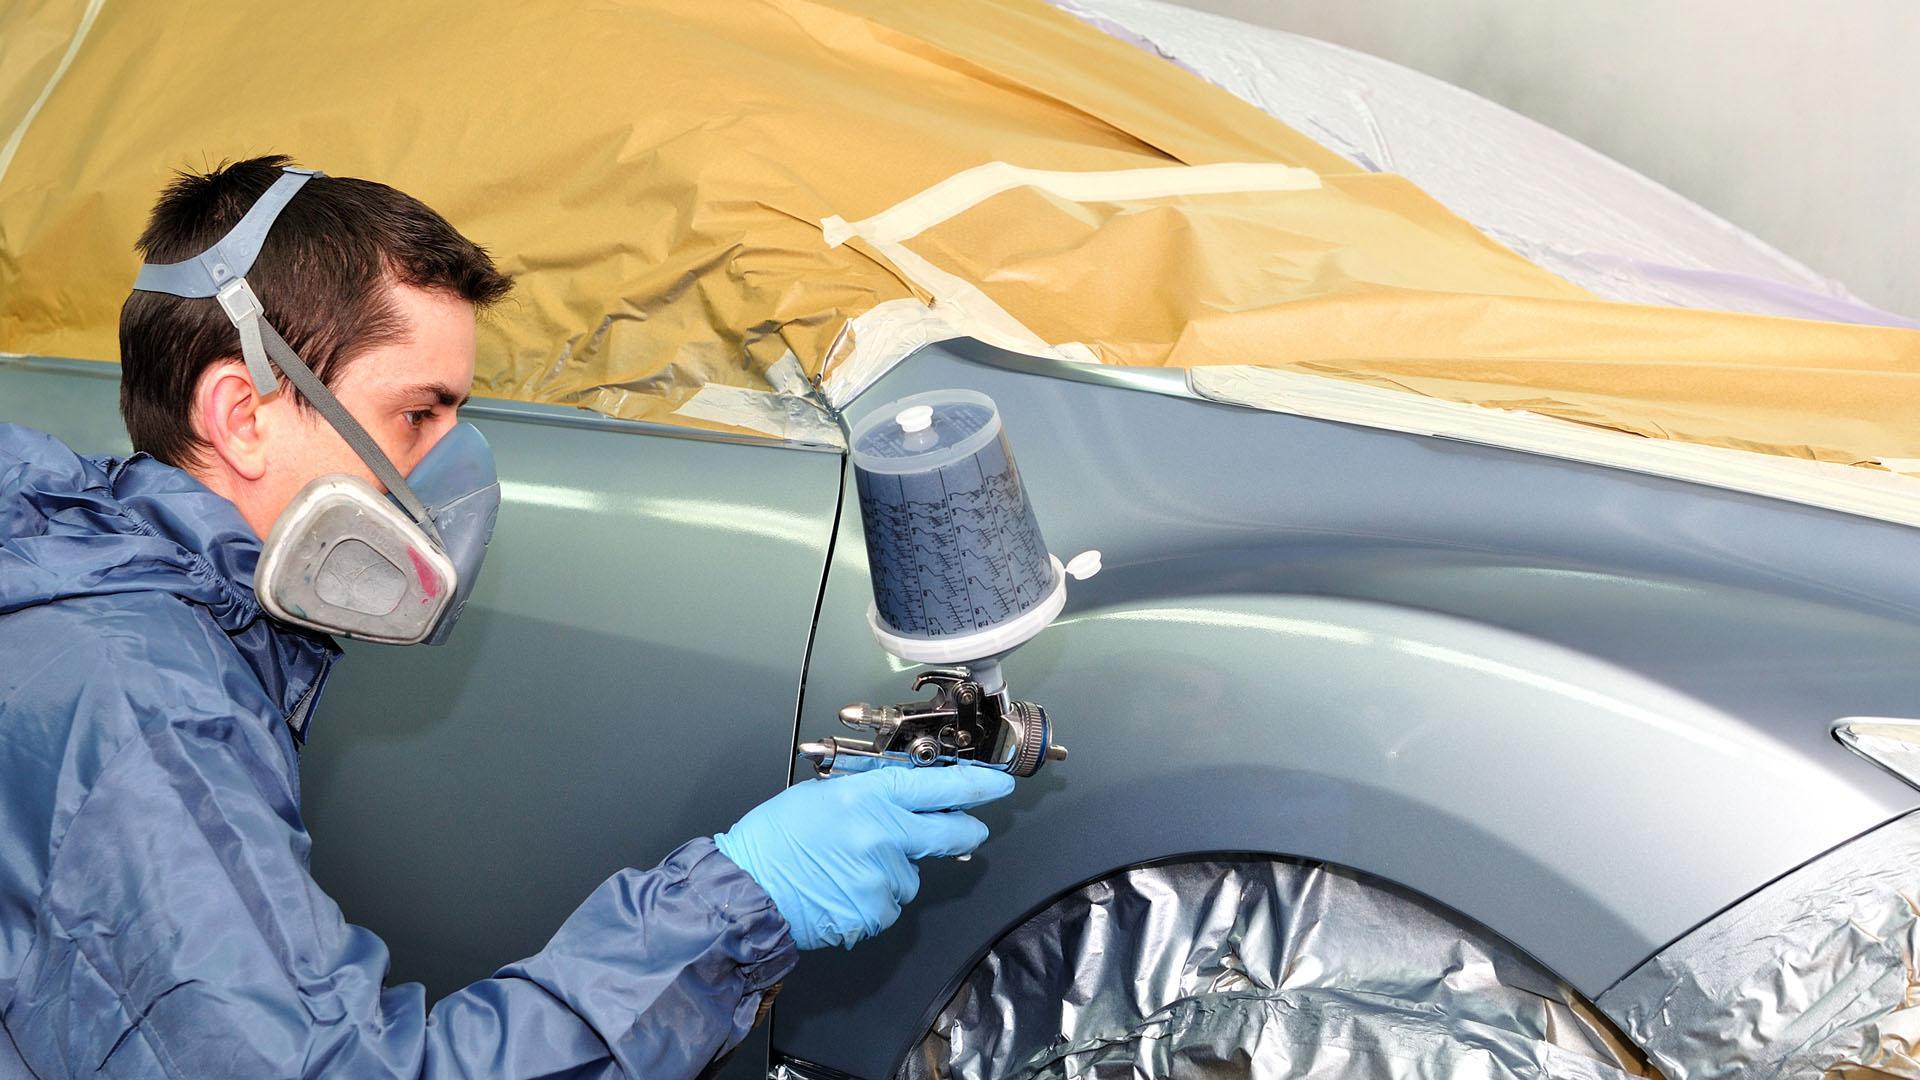 contactez un carrossier professionnel pour la réparation de son véhicule